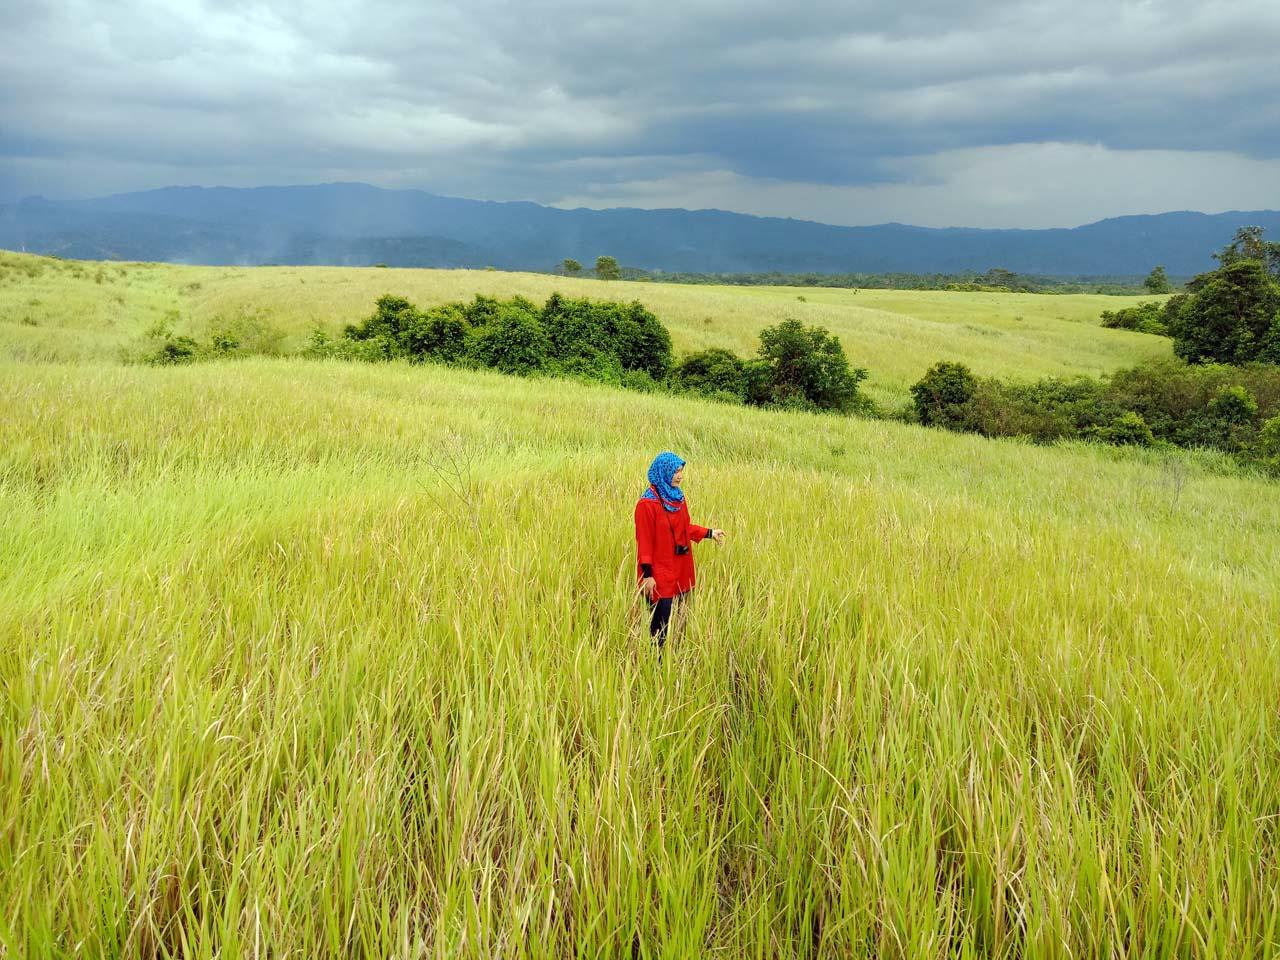 Padang Rumput - Suoh Lampung Barat - Yopie Pangkey - 1